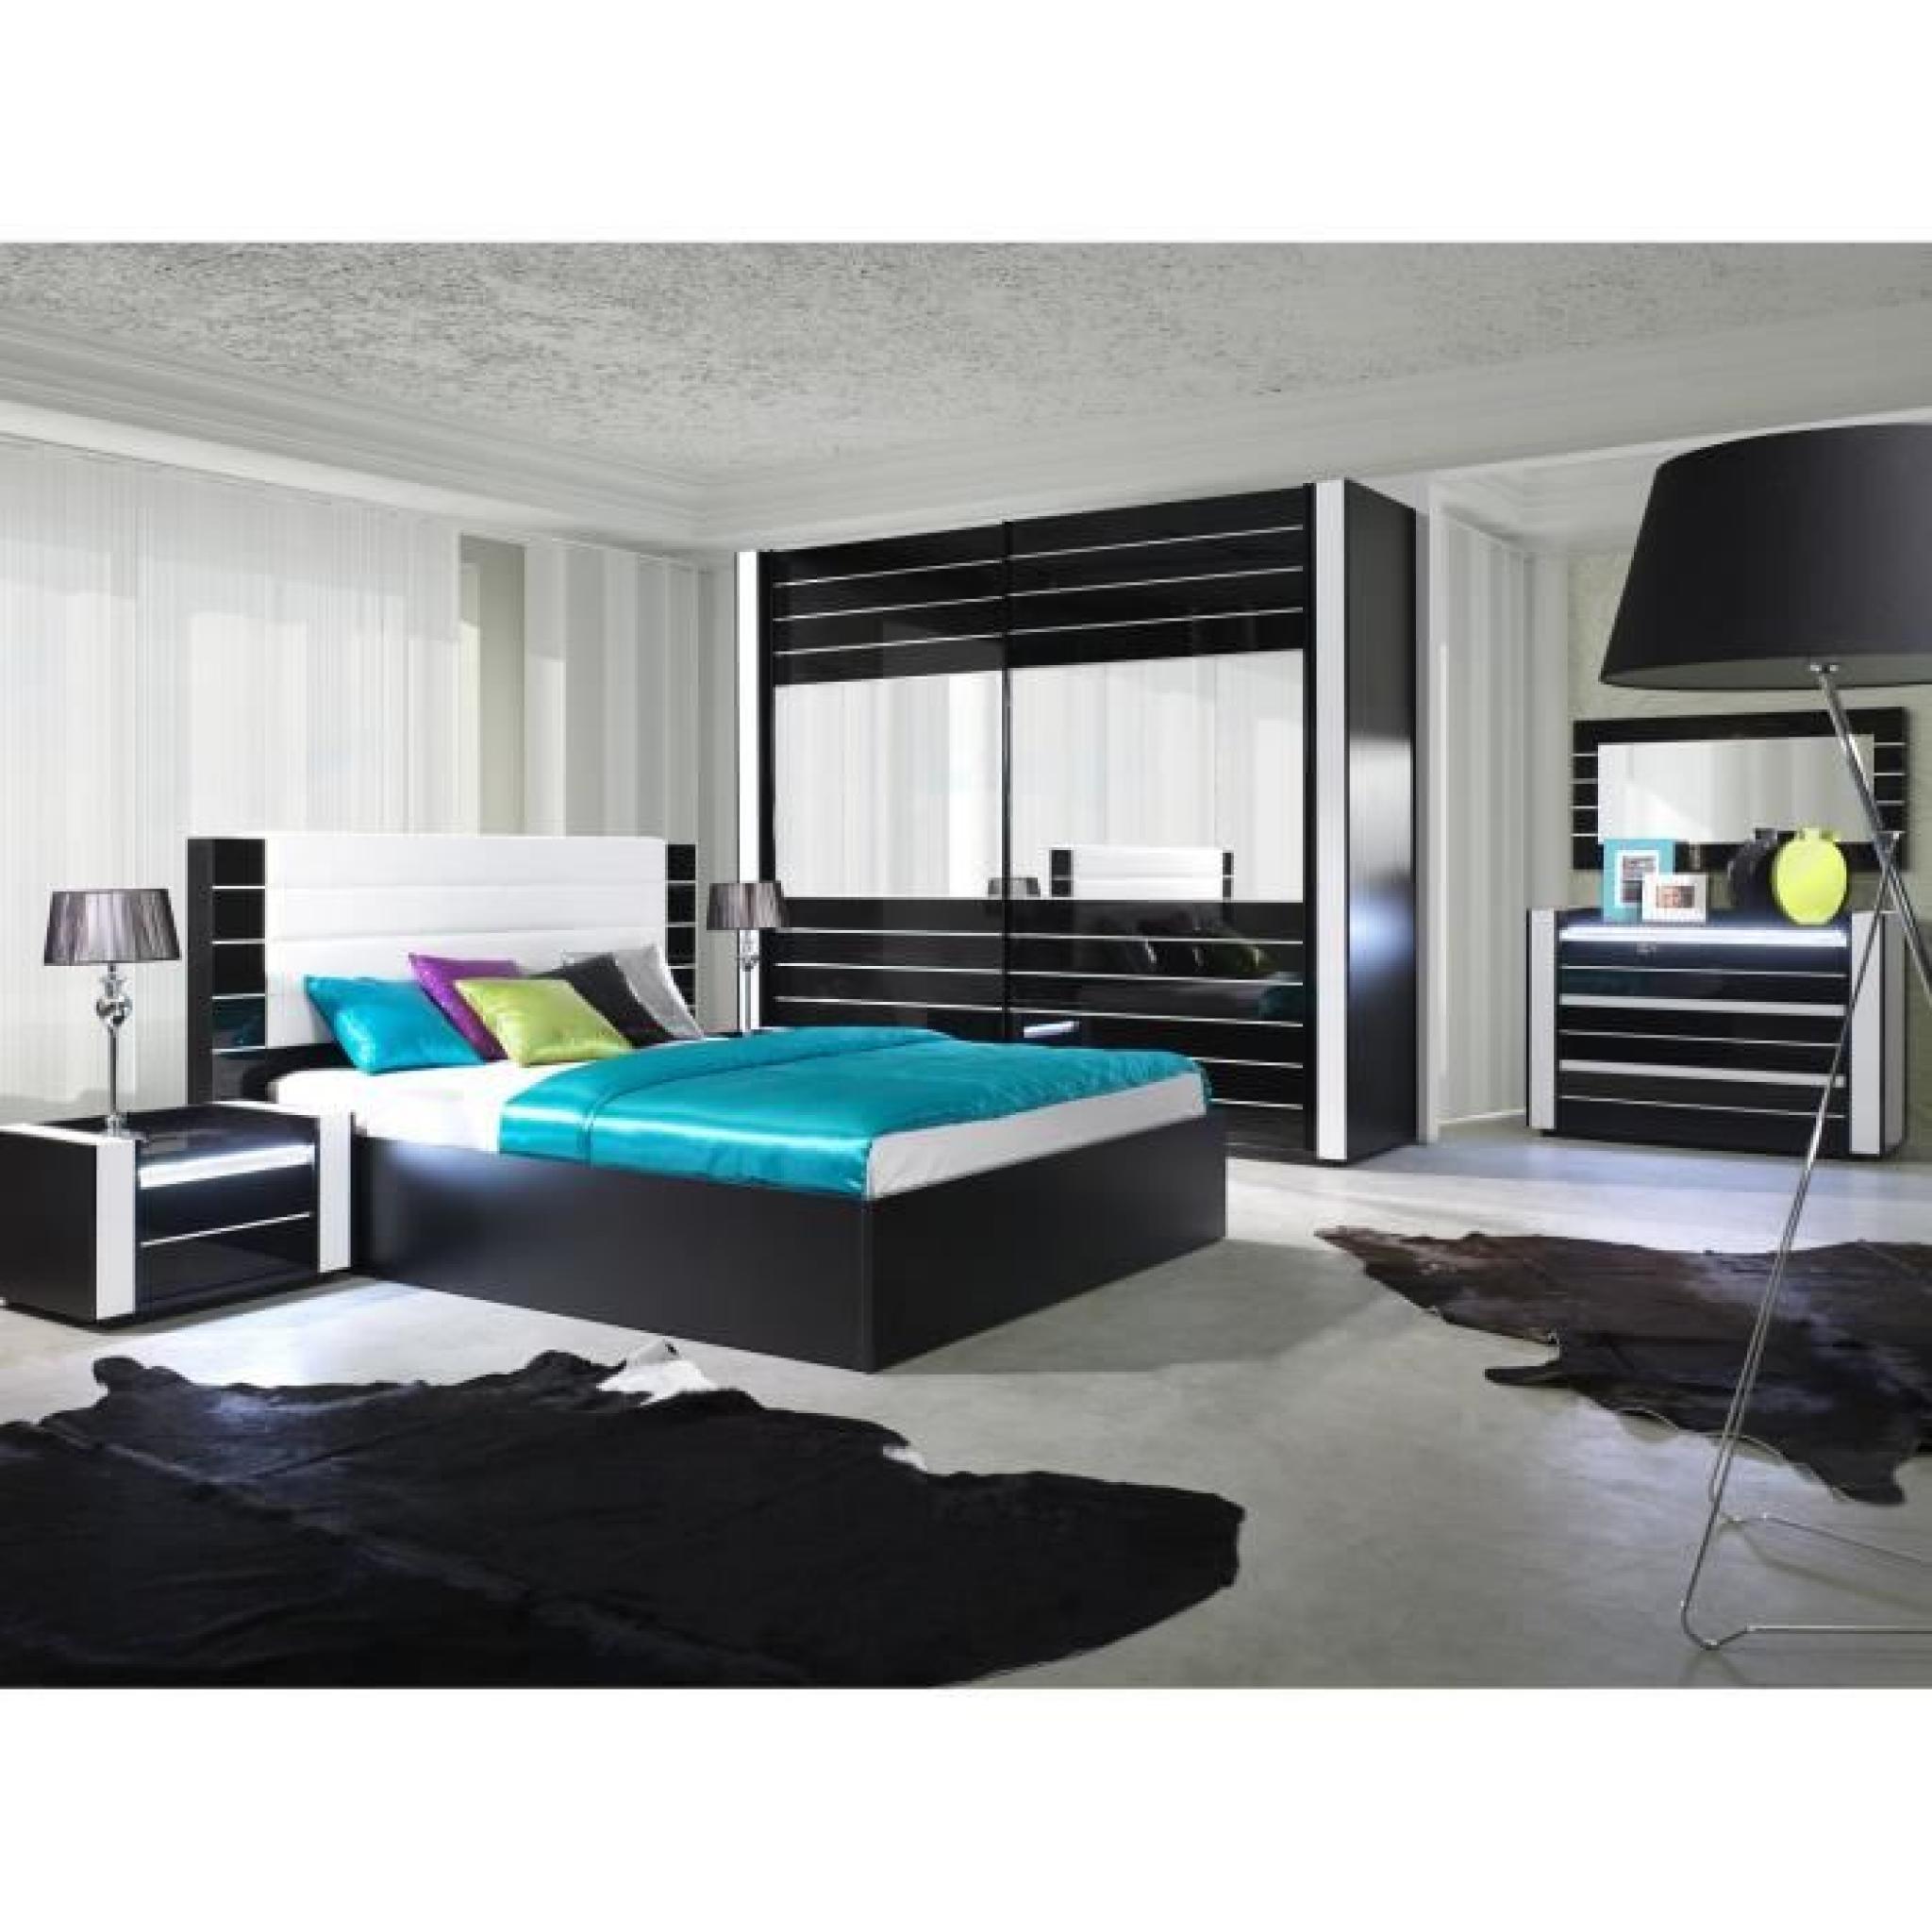 armoire lina noir et blanche laqu e tout quip e meuble